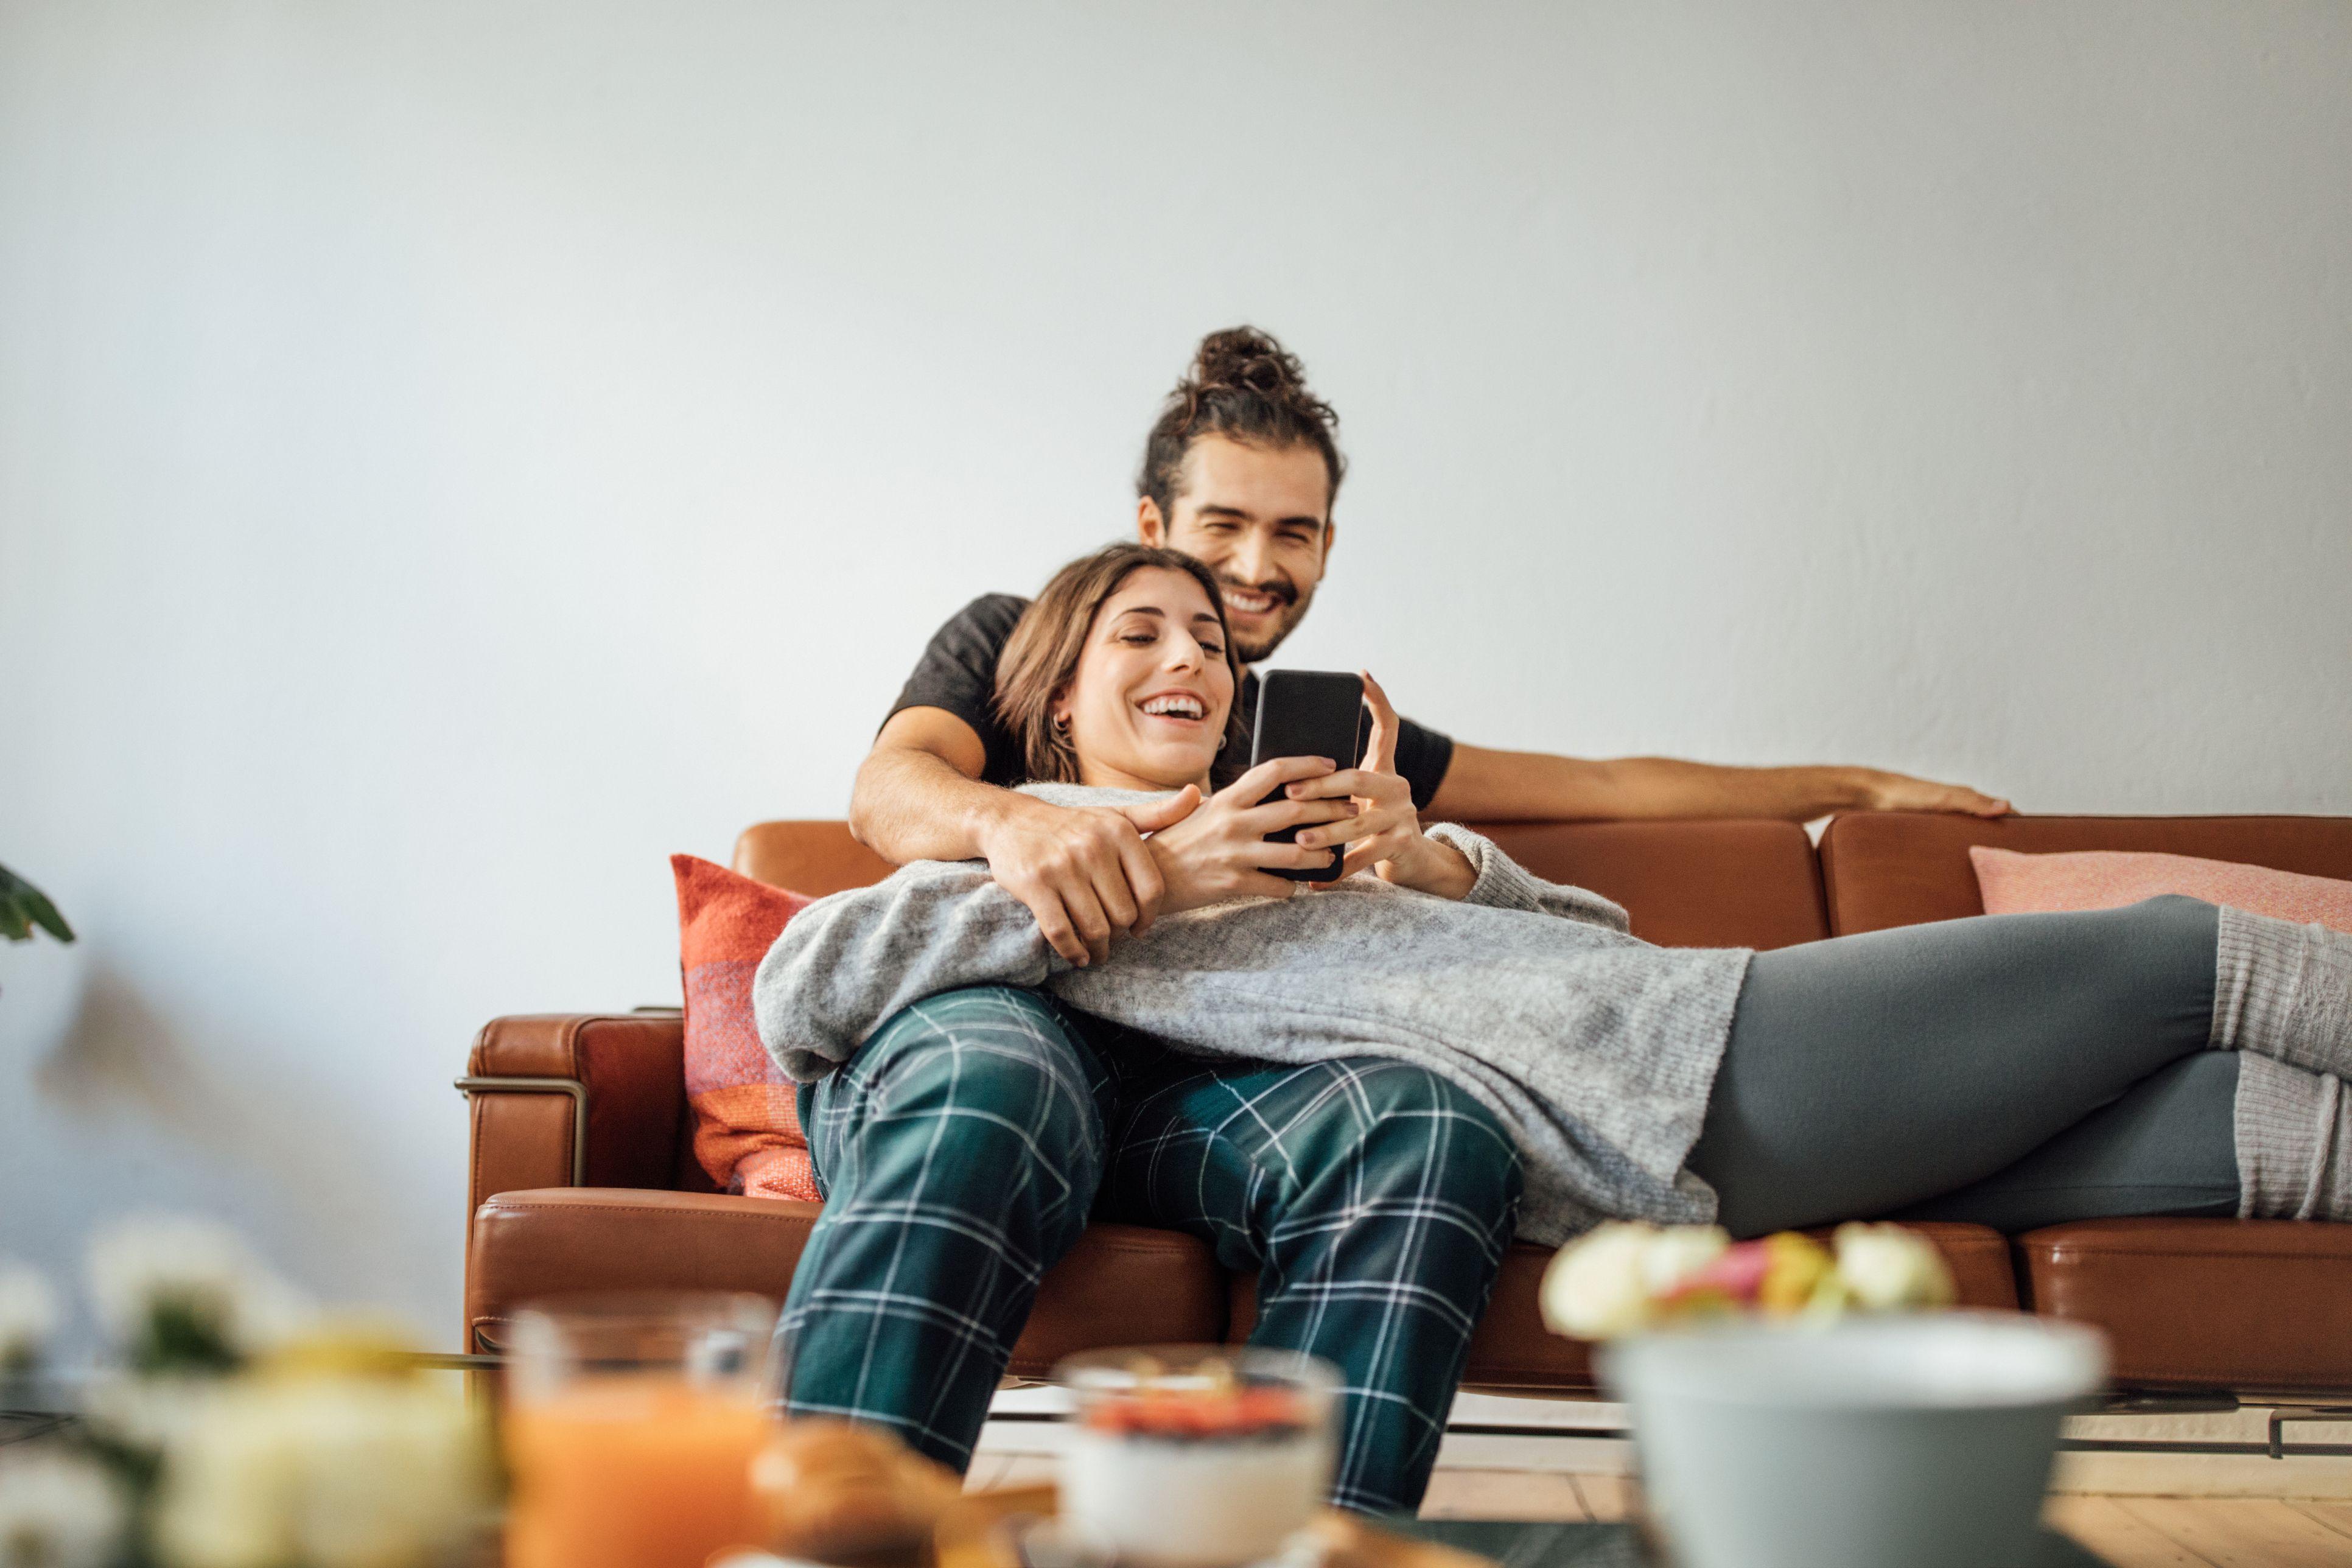 tekenen ex vriendje is dating hook up Londen ont